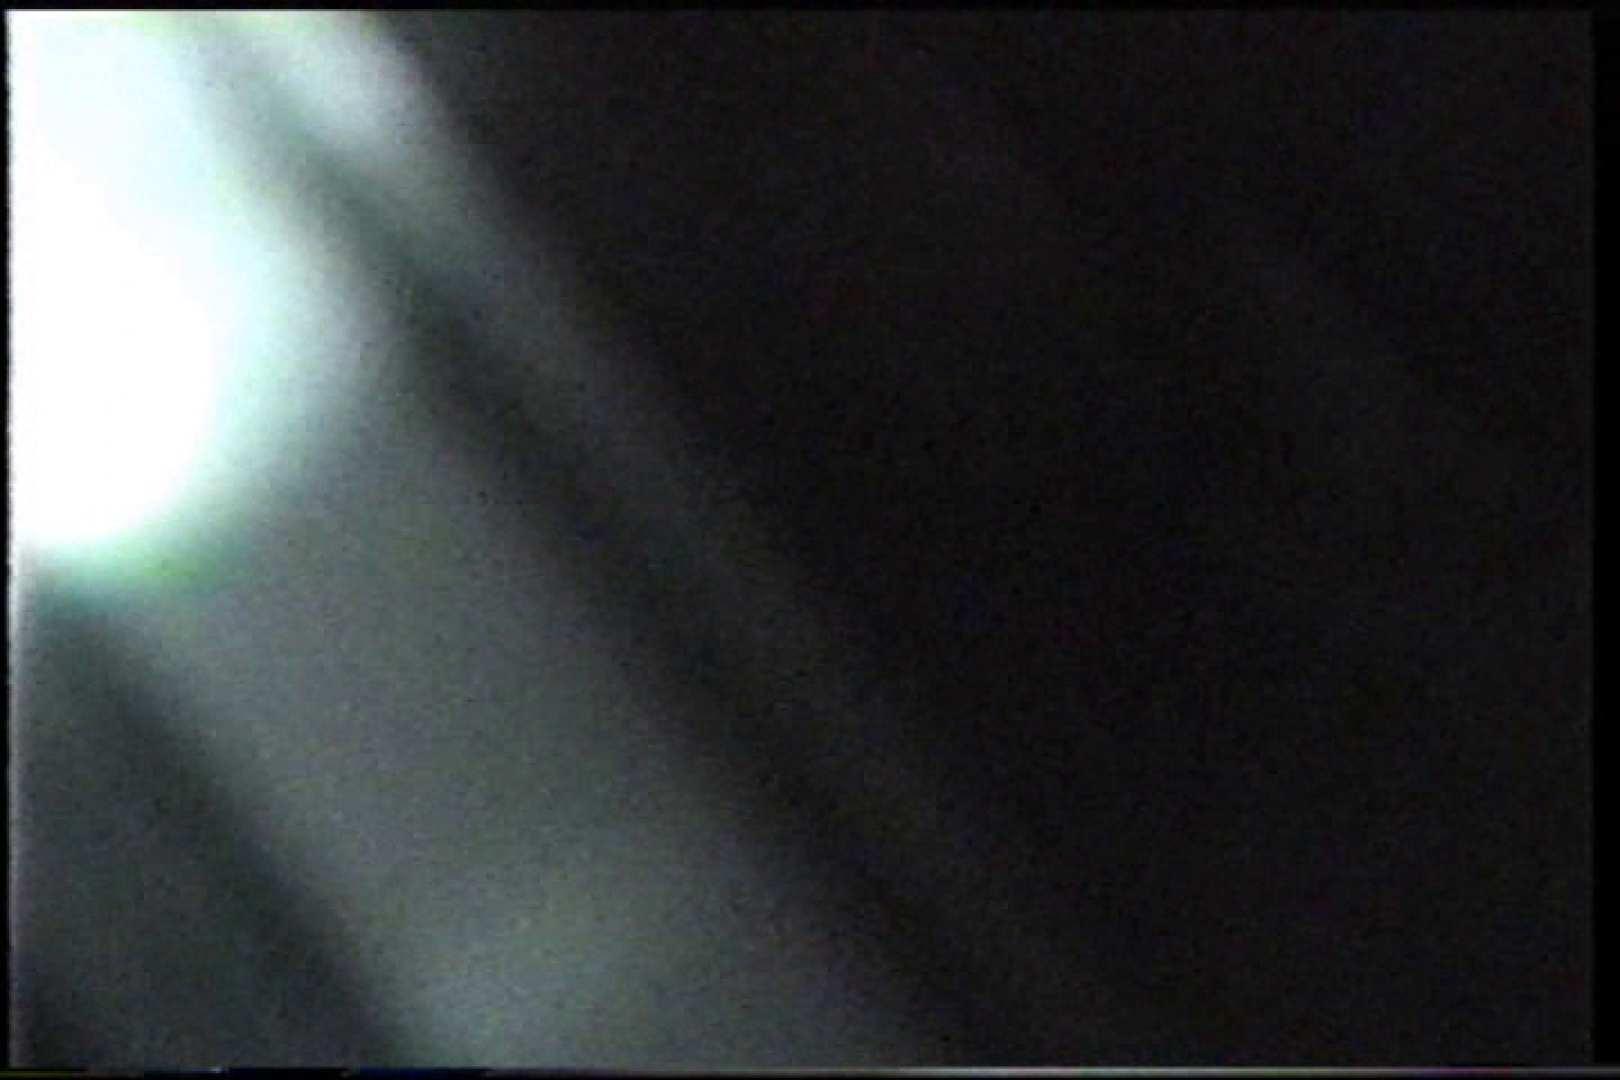 充血監督の深夜の運動会Vol.214 後編. カップル記念日 盗み撮り動画キャプチャ 71連発 33